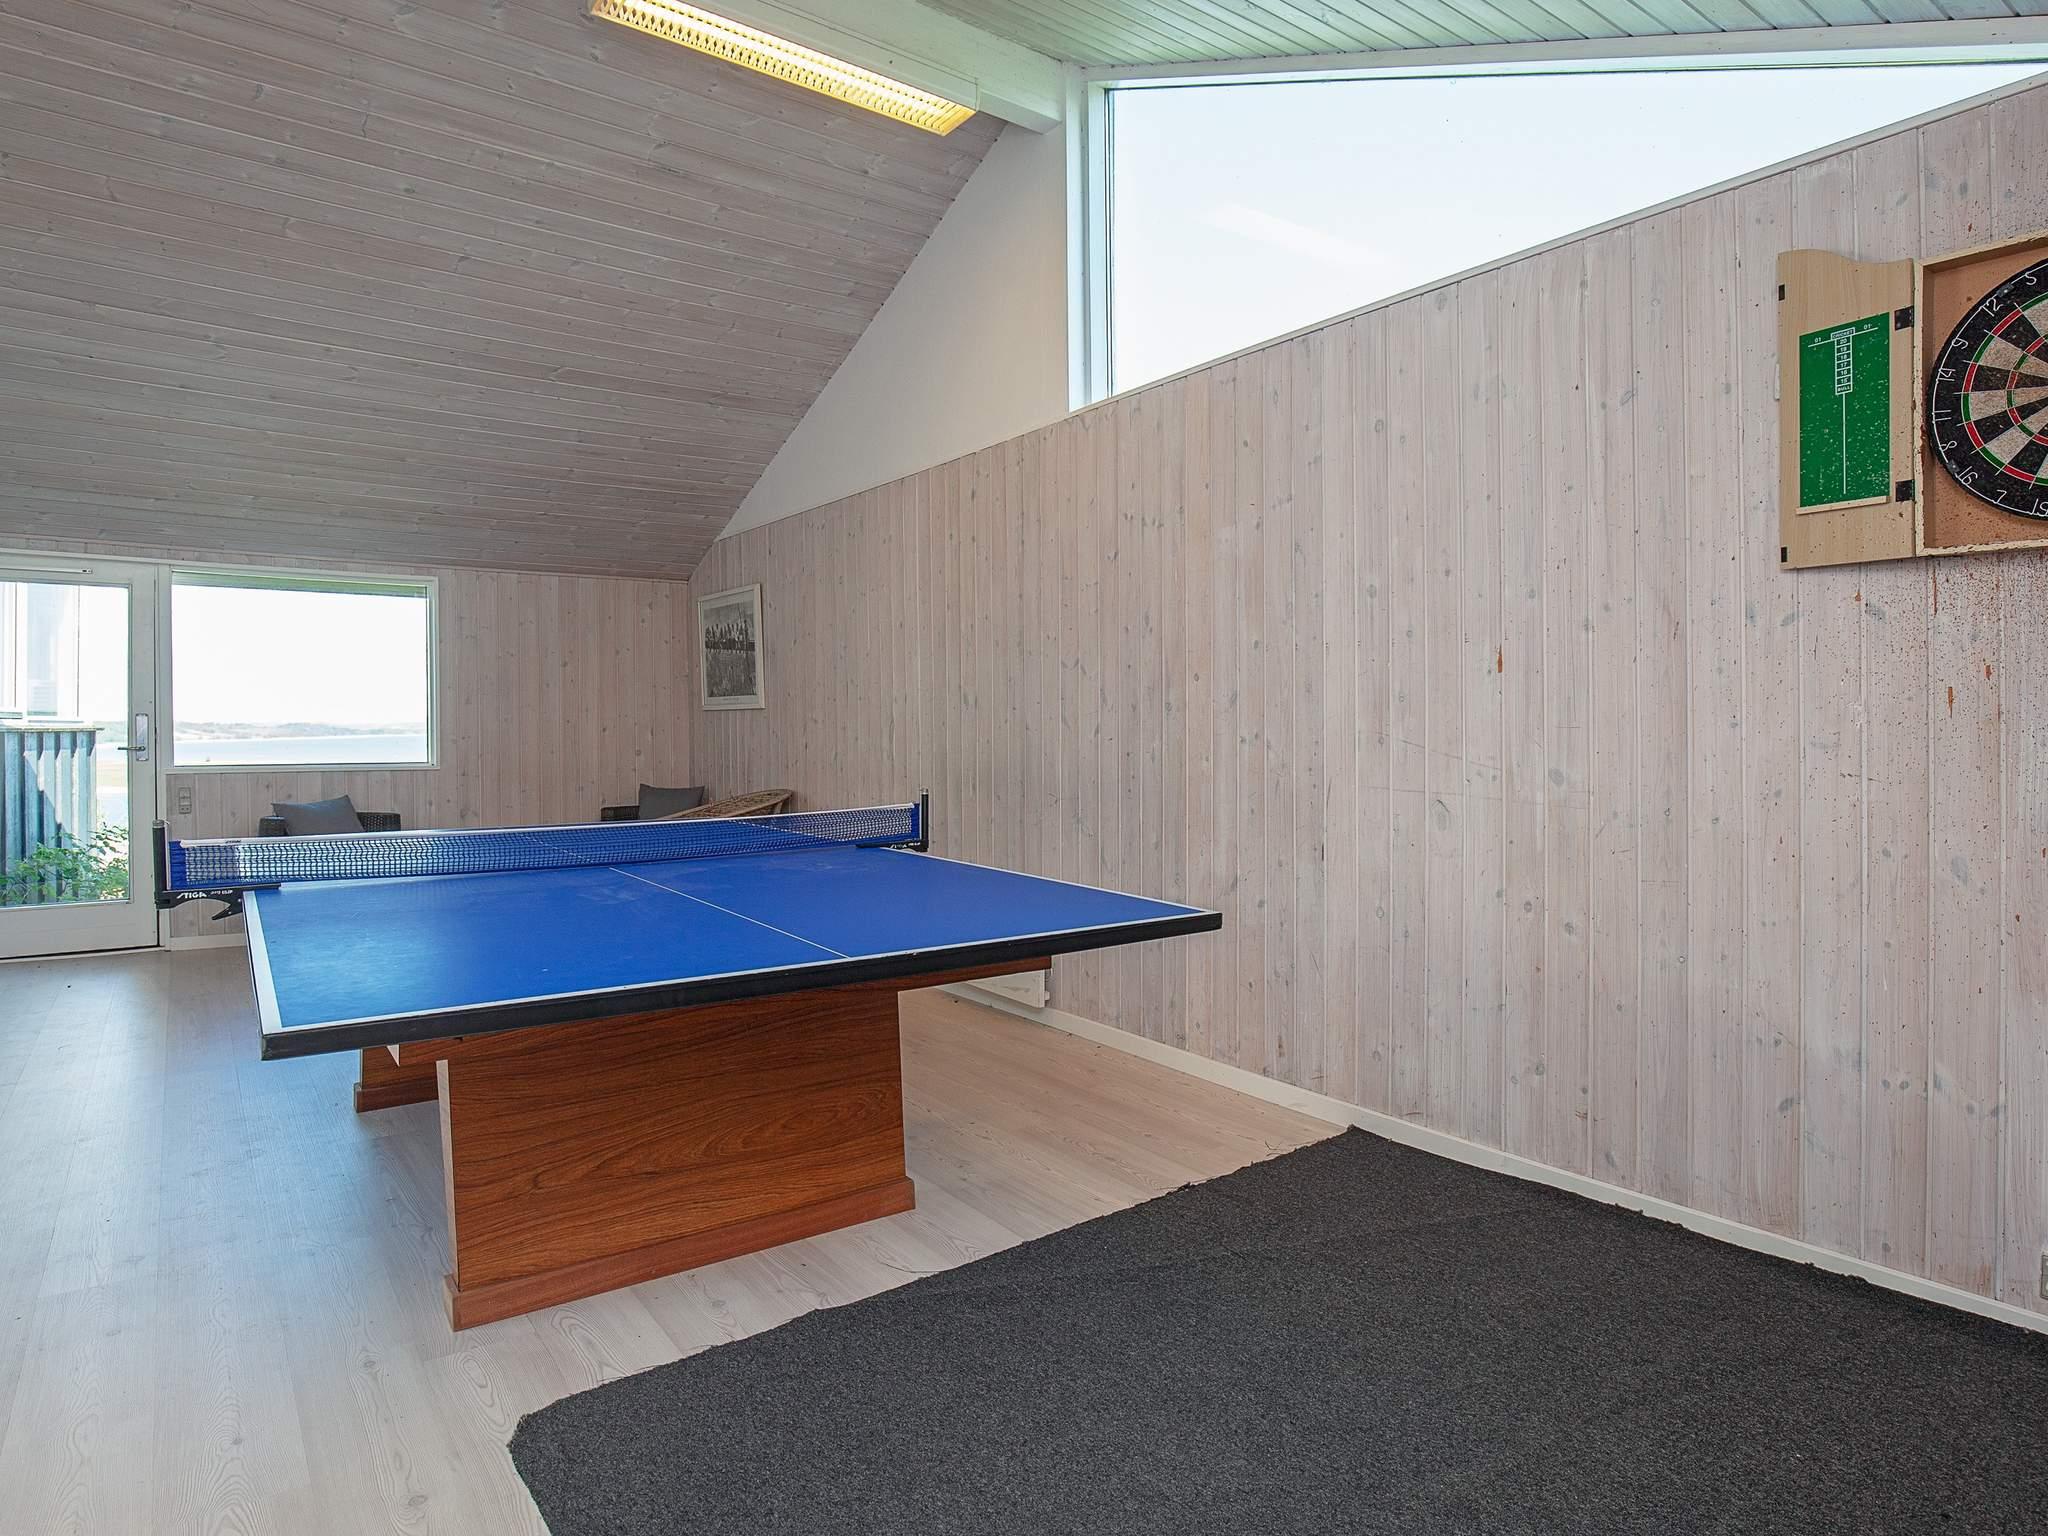 Ferienhaus Hjarbæk Fjord (679304), Hjarbæk, , Westjütland, Dänemark, Bild 7